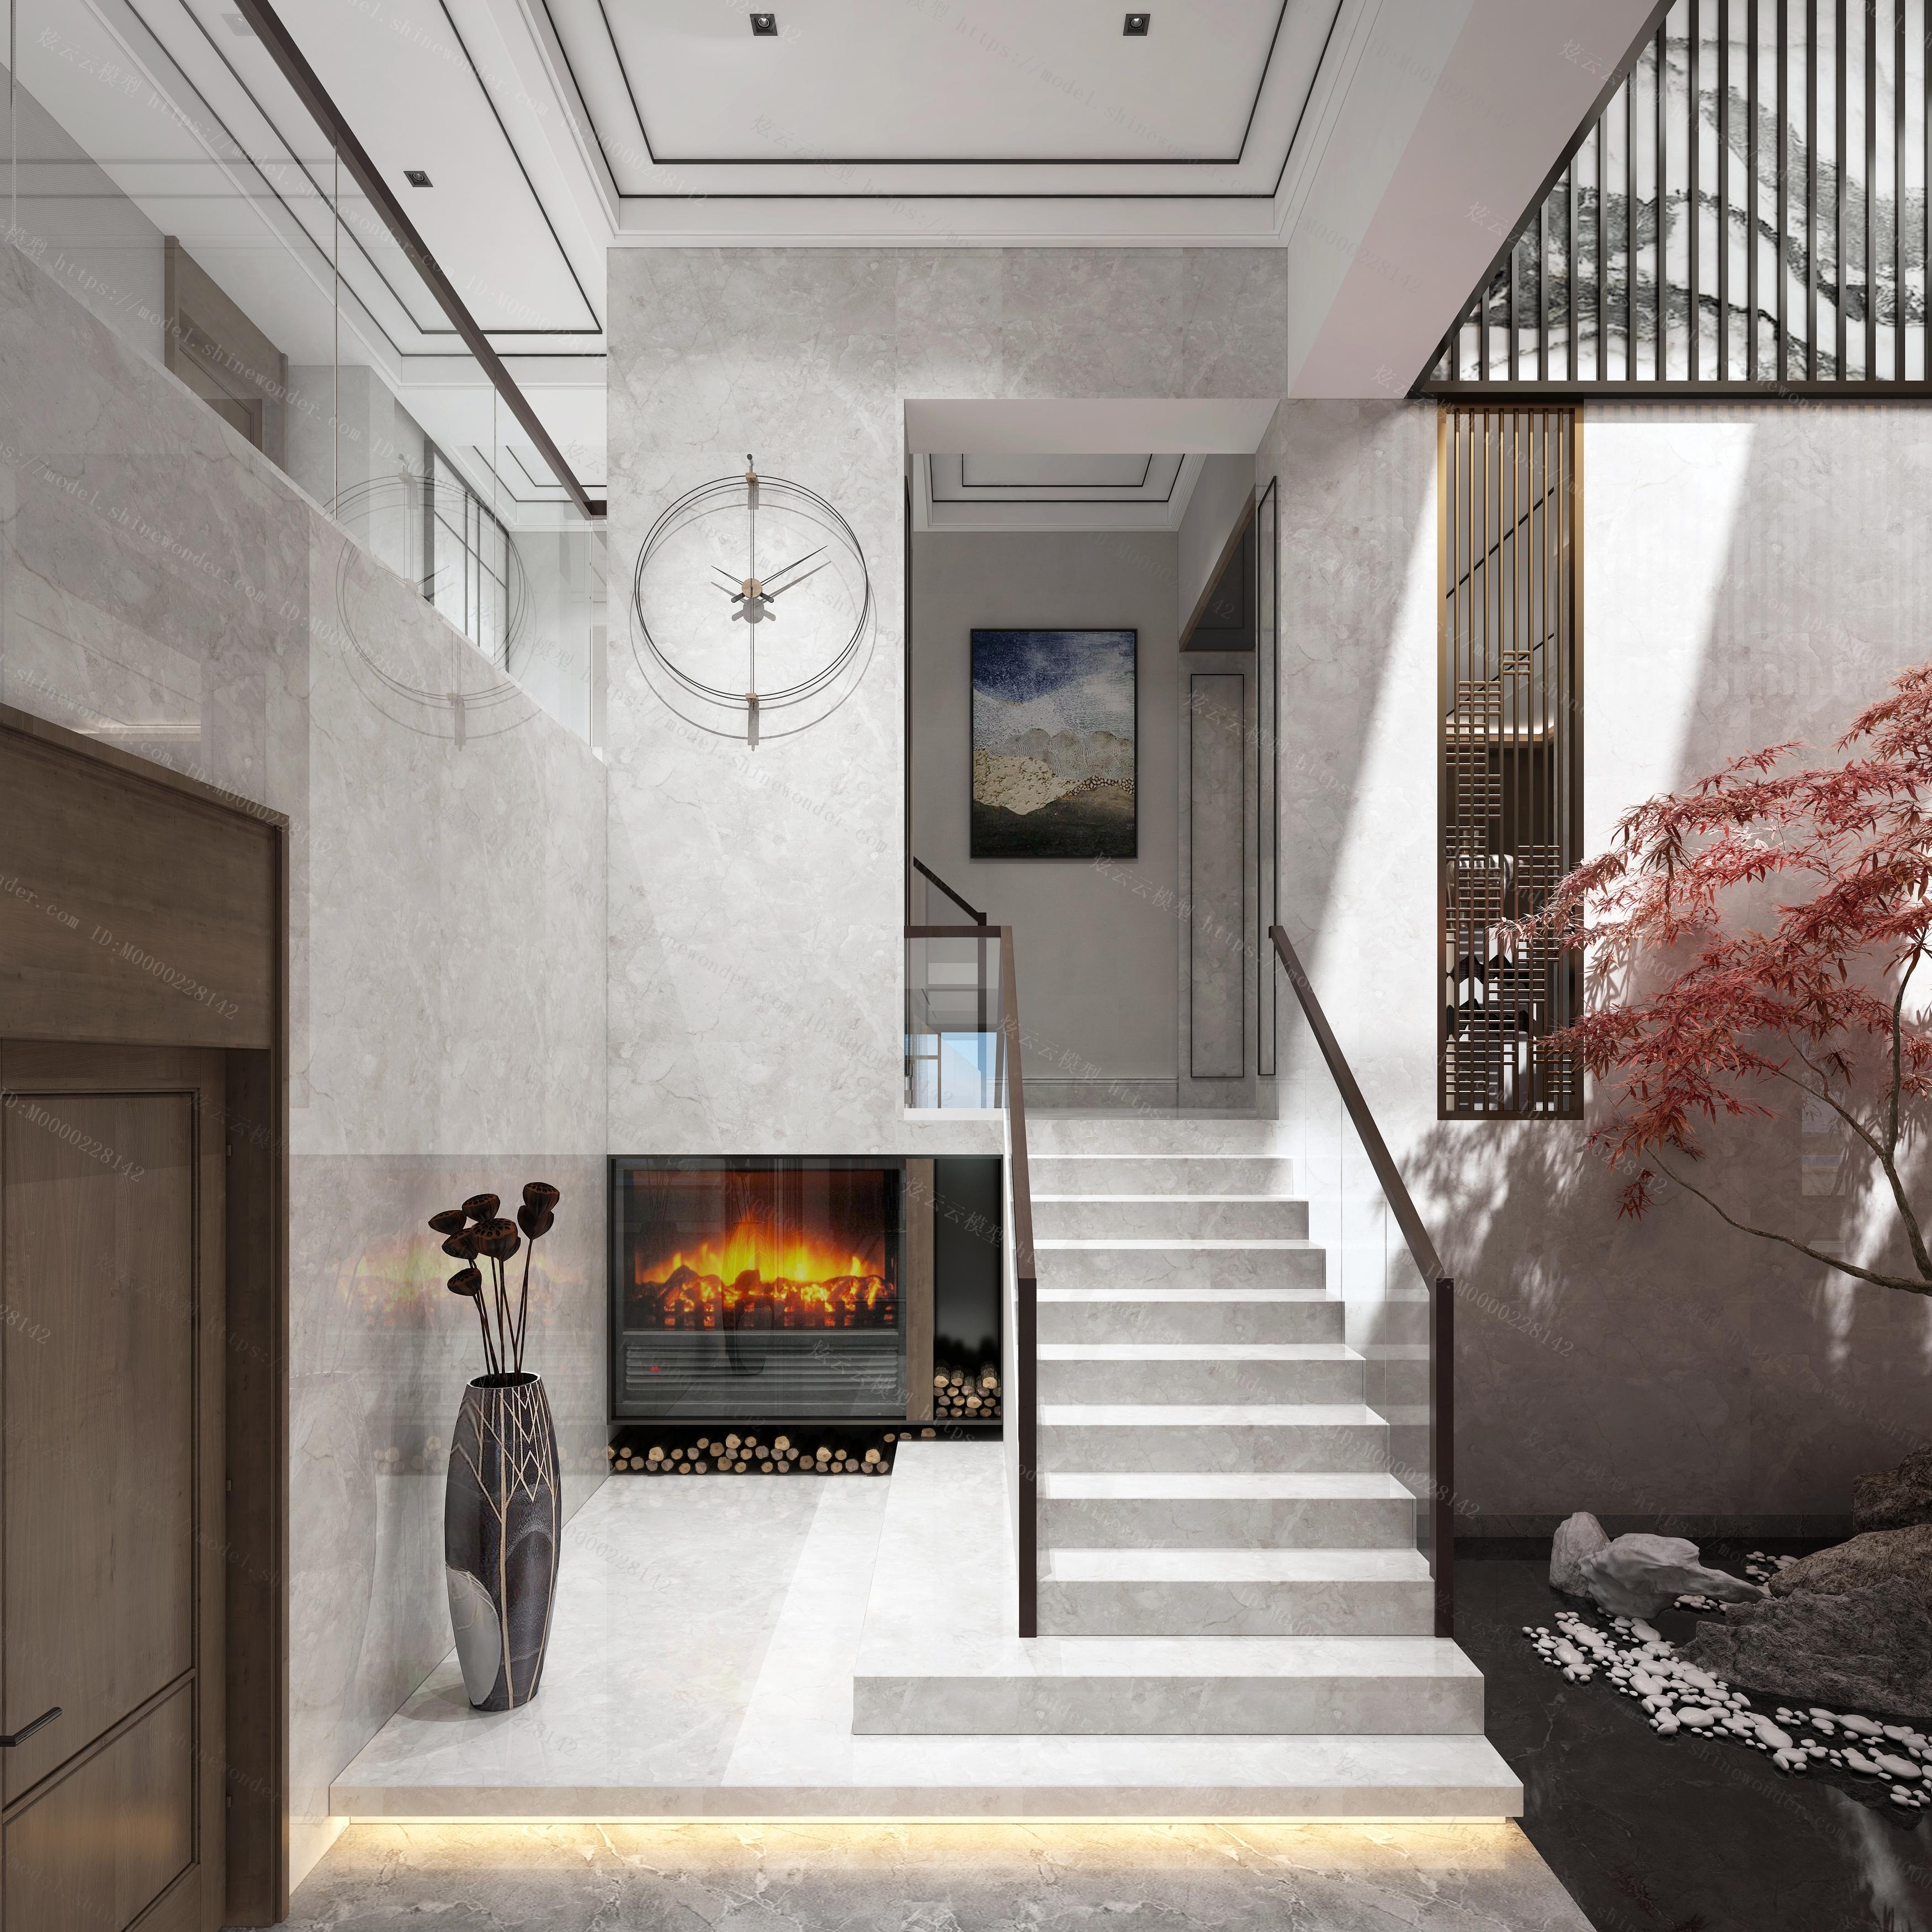 新中式餐厅厨房过道模型